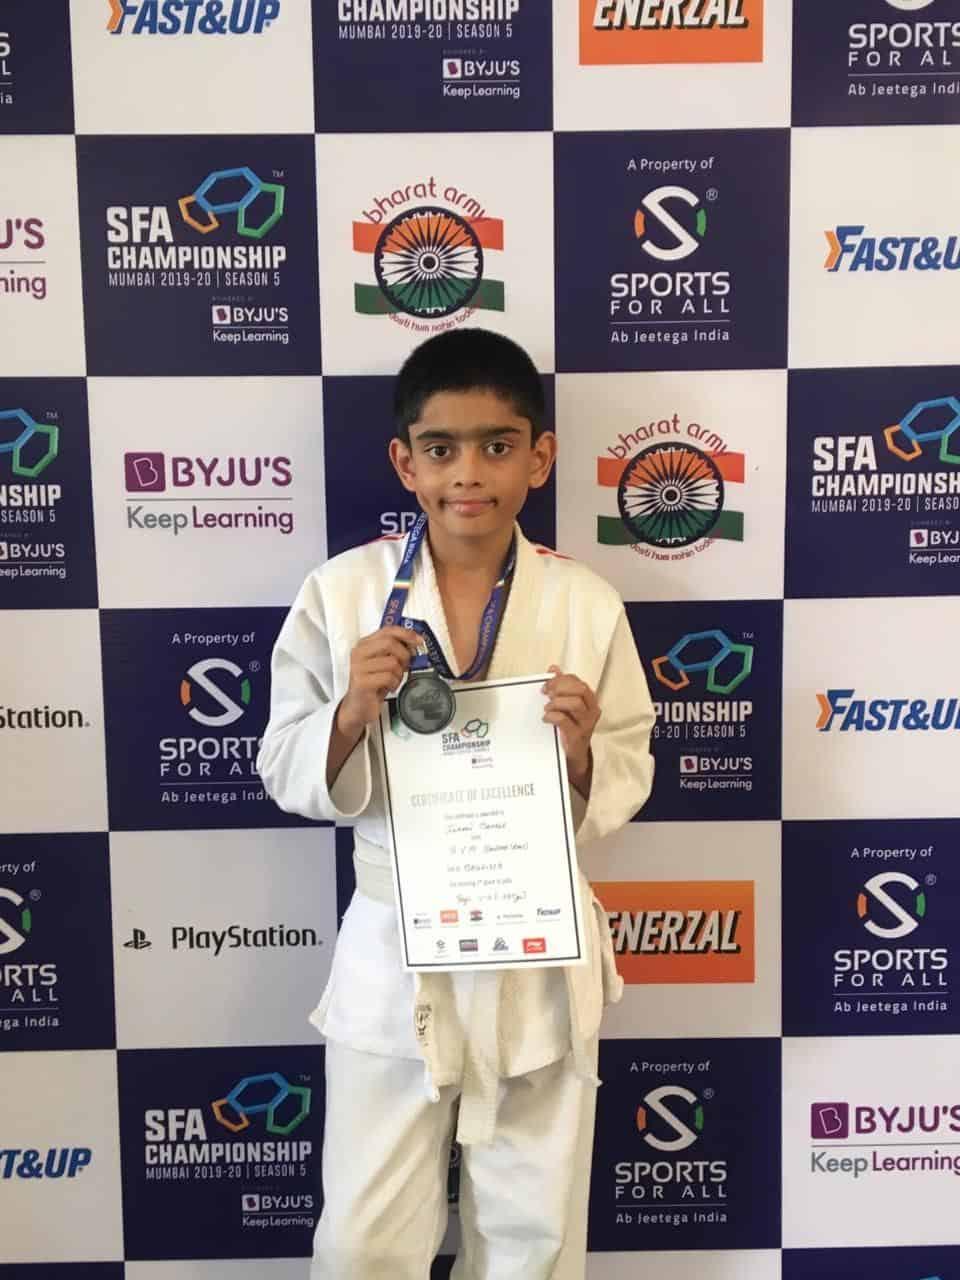 Master Ishaan Mahale kicks his way to Silver at the SFA Judo Championship Tournament